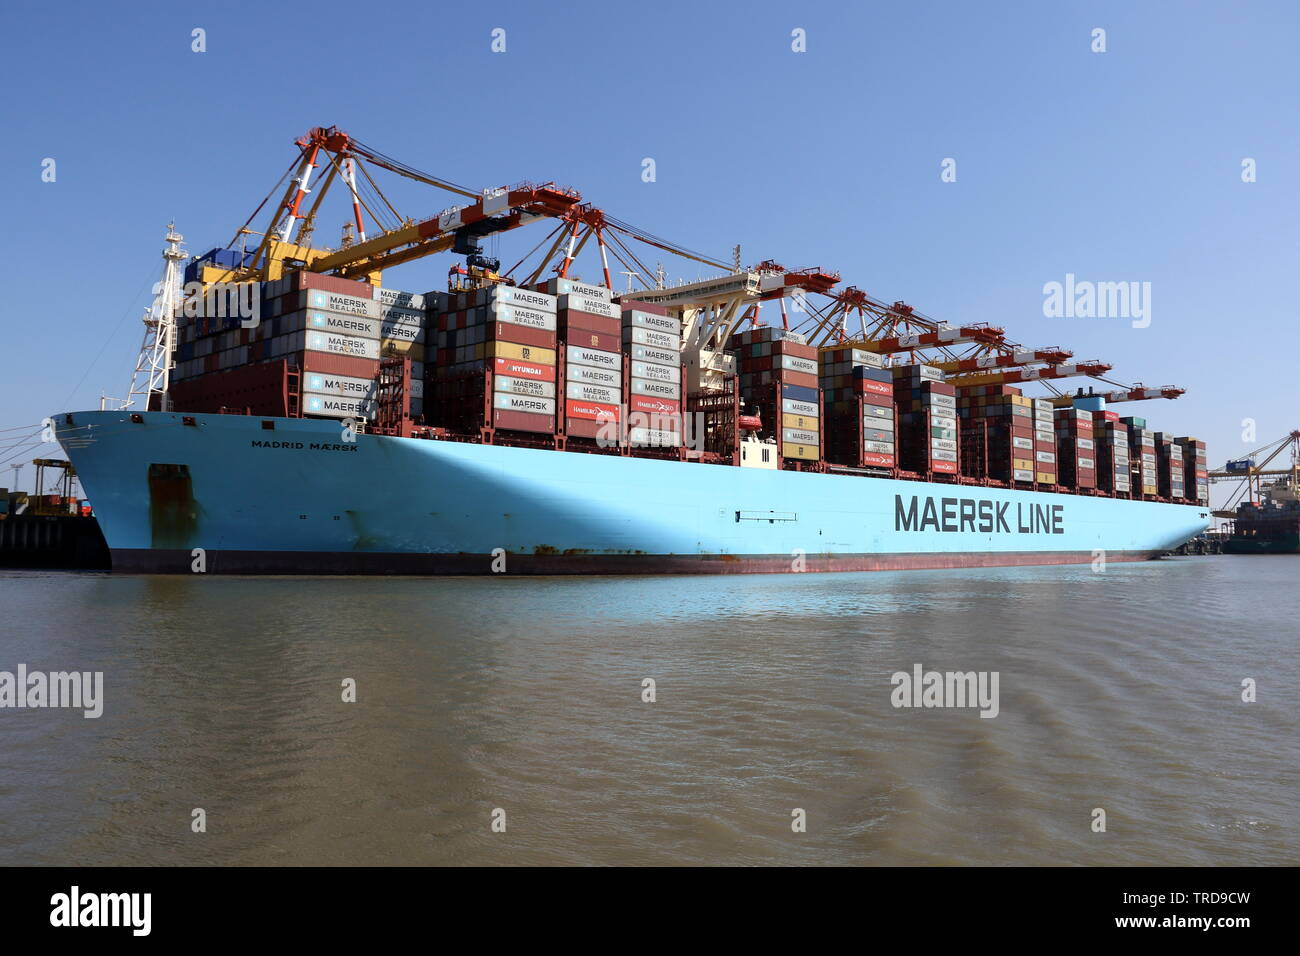 Madrid Maersk Stock Photos & Madrid Maersk Stock Images - Alamy